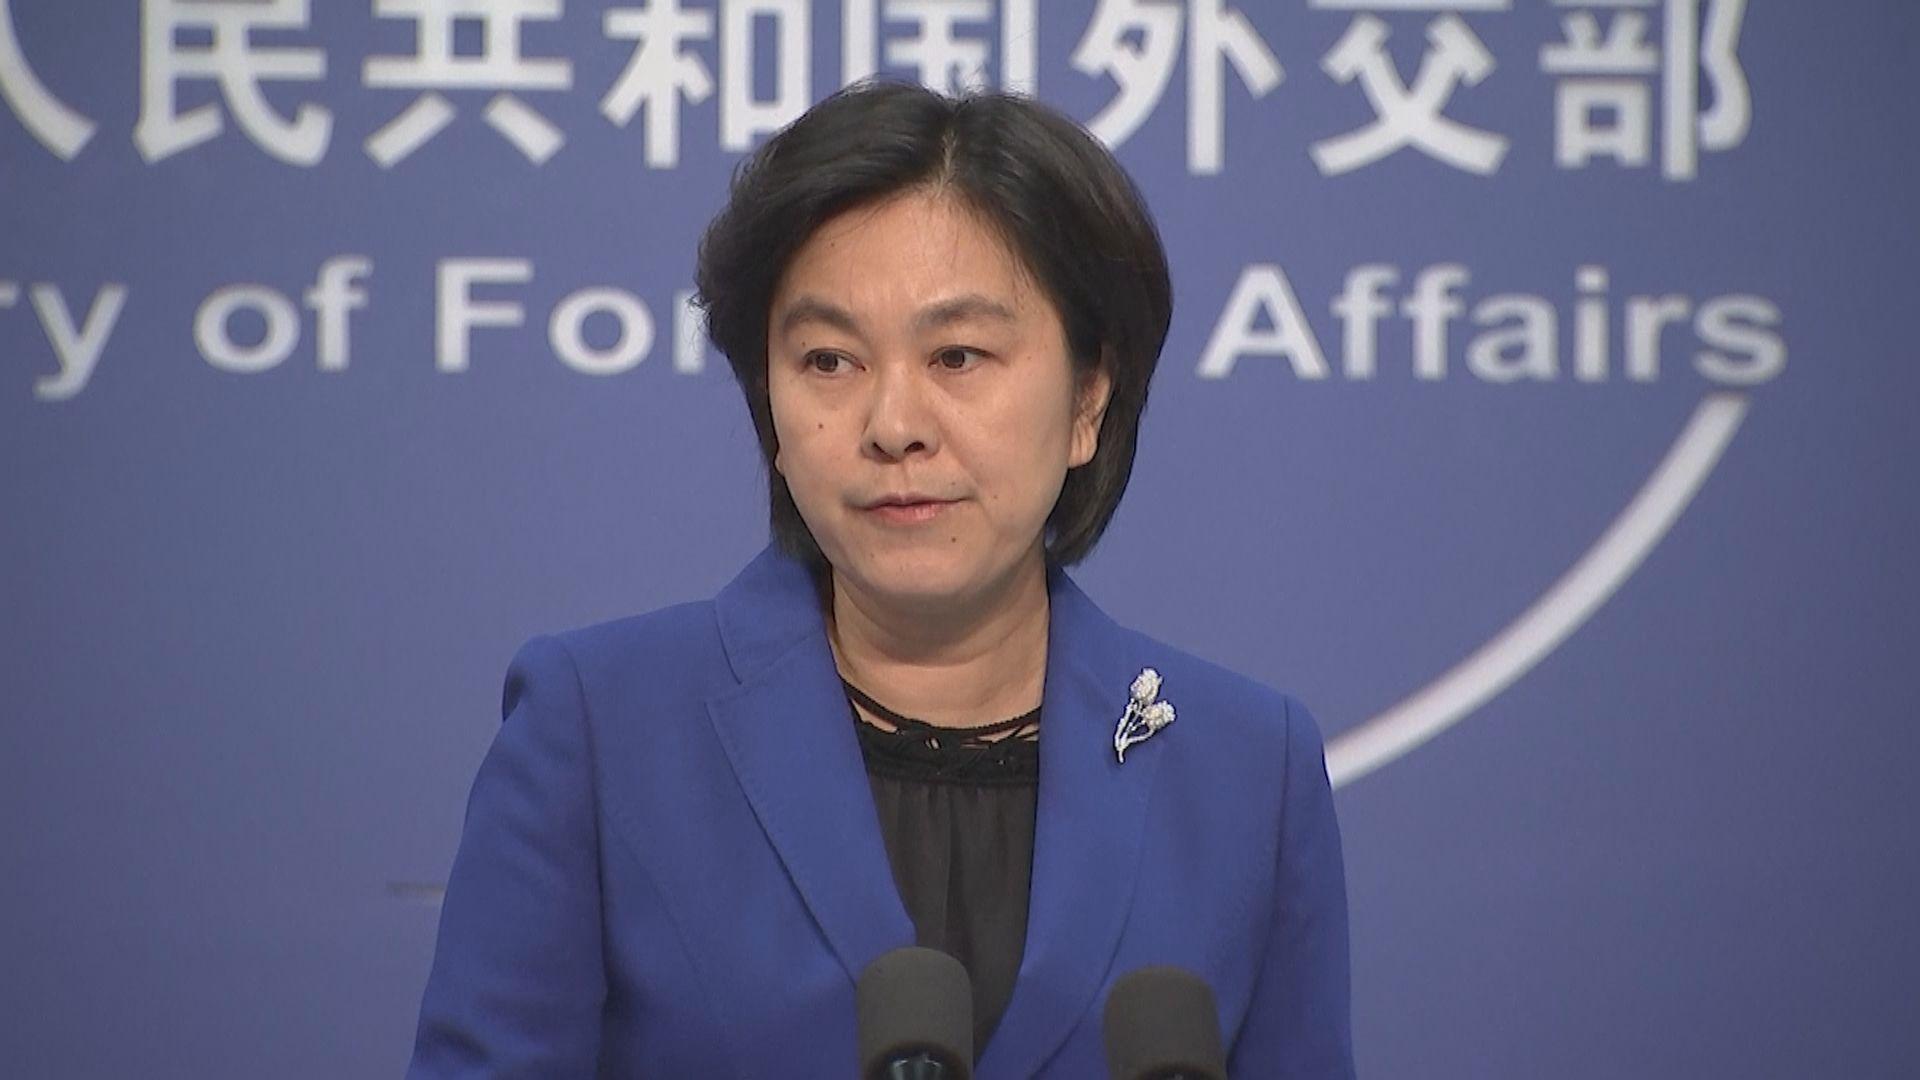 【中美貿戰升級】外交部:將不得不採取必要反制措施